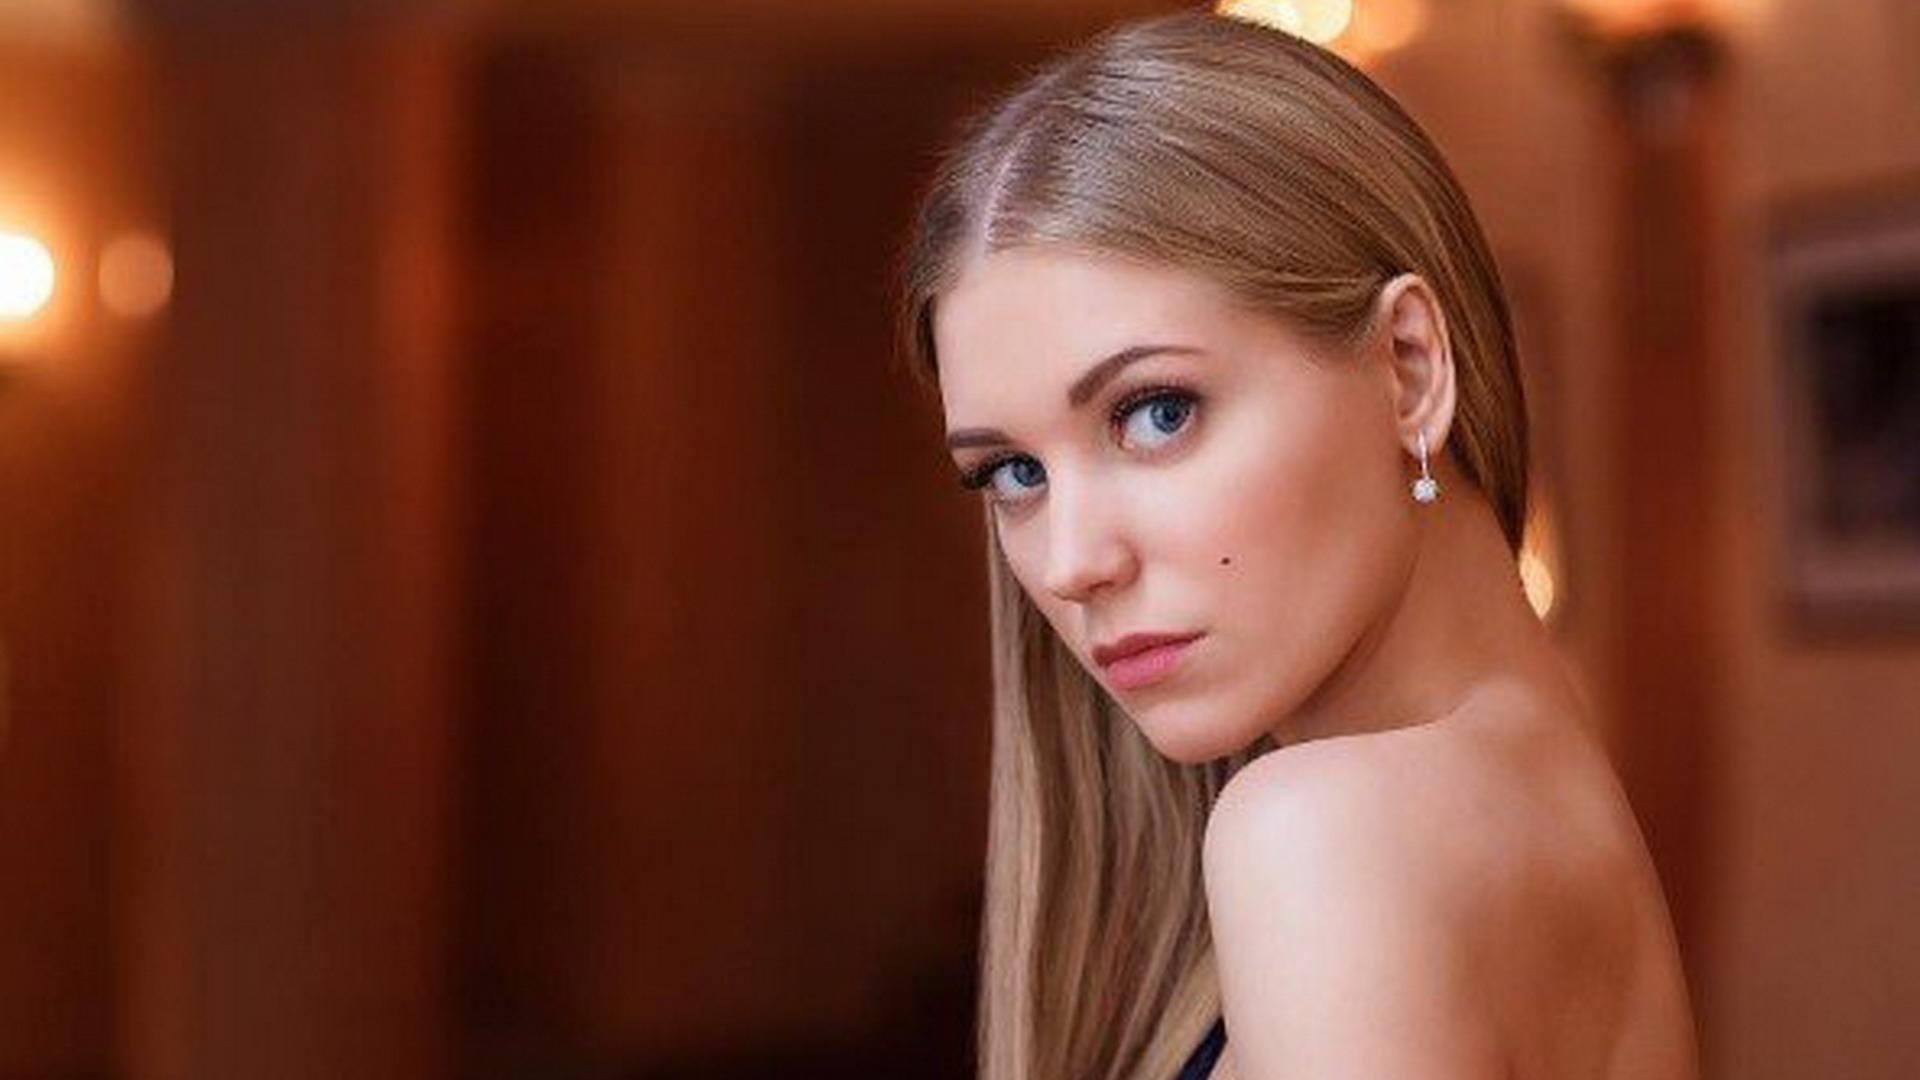 Смотреть Самые высокооплачиваемые актрисы 2019 года по версии Forbes видео